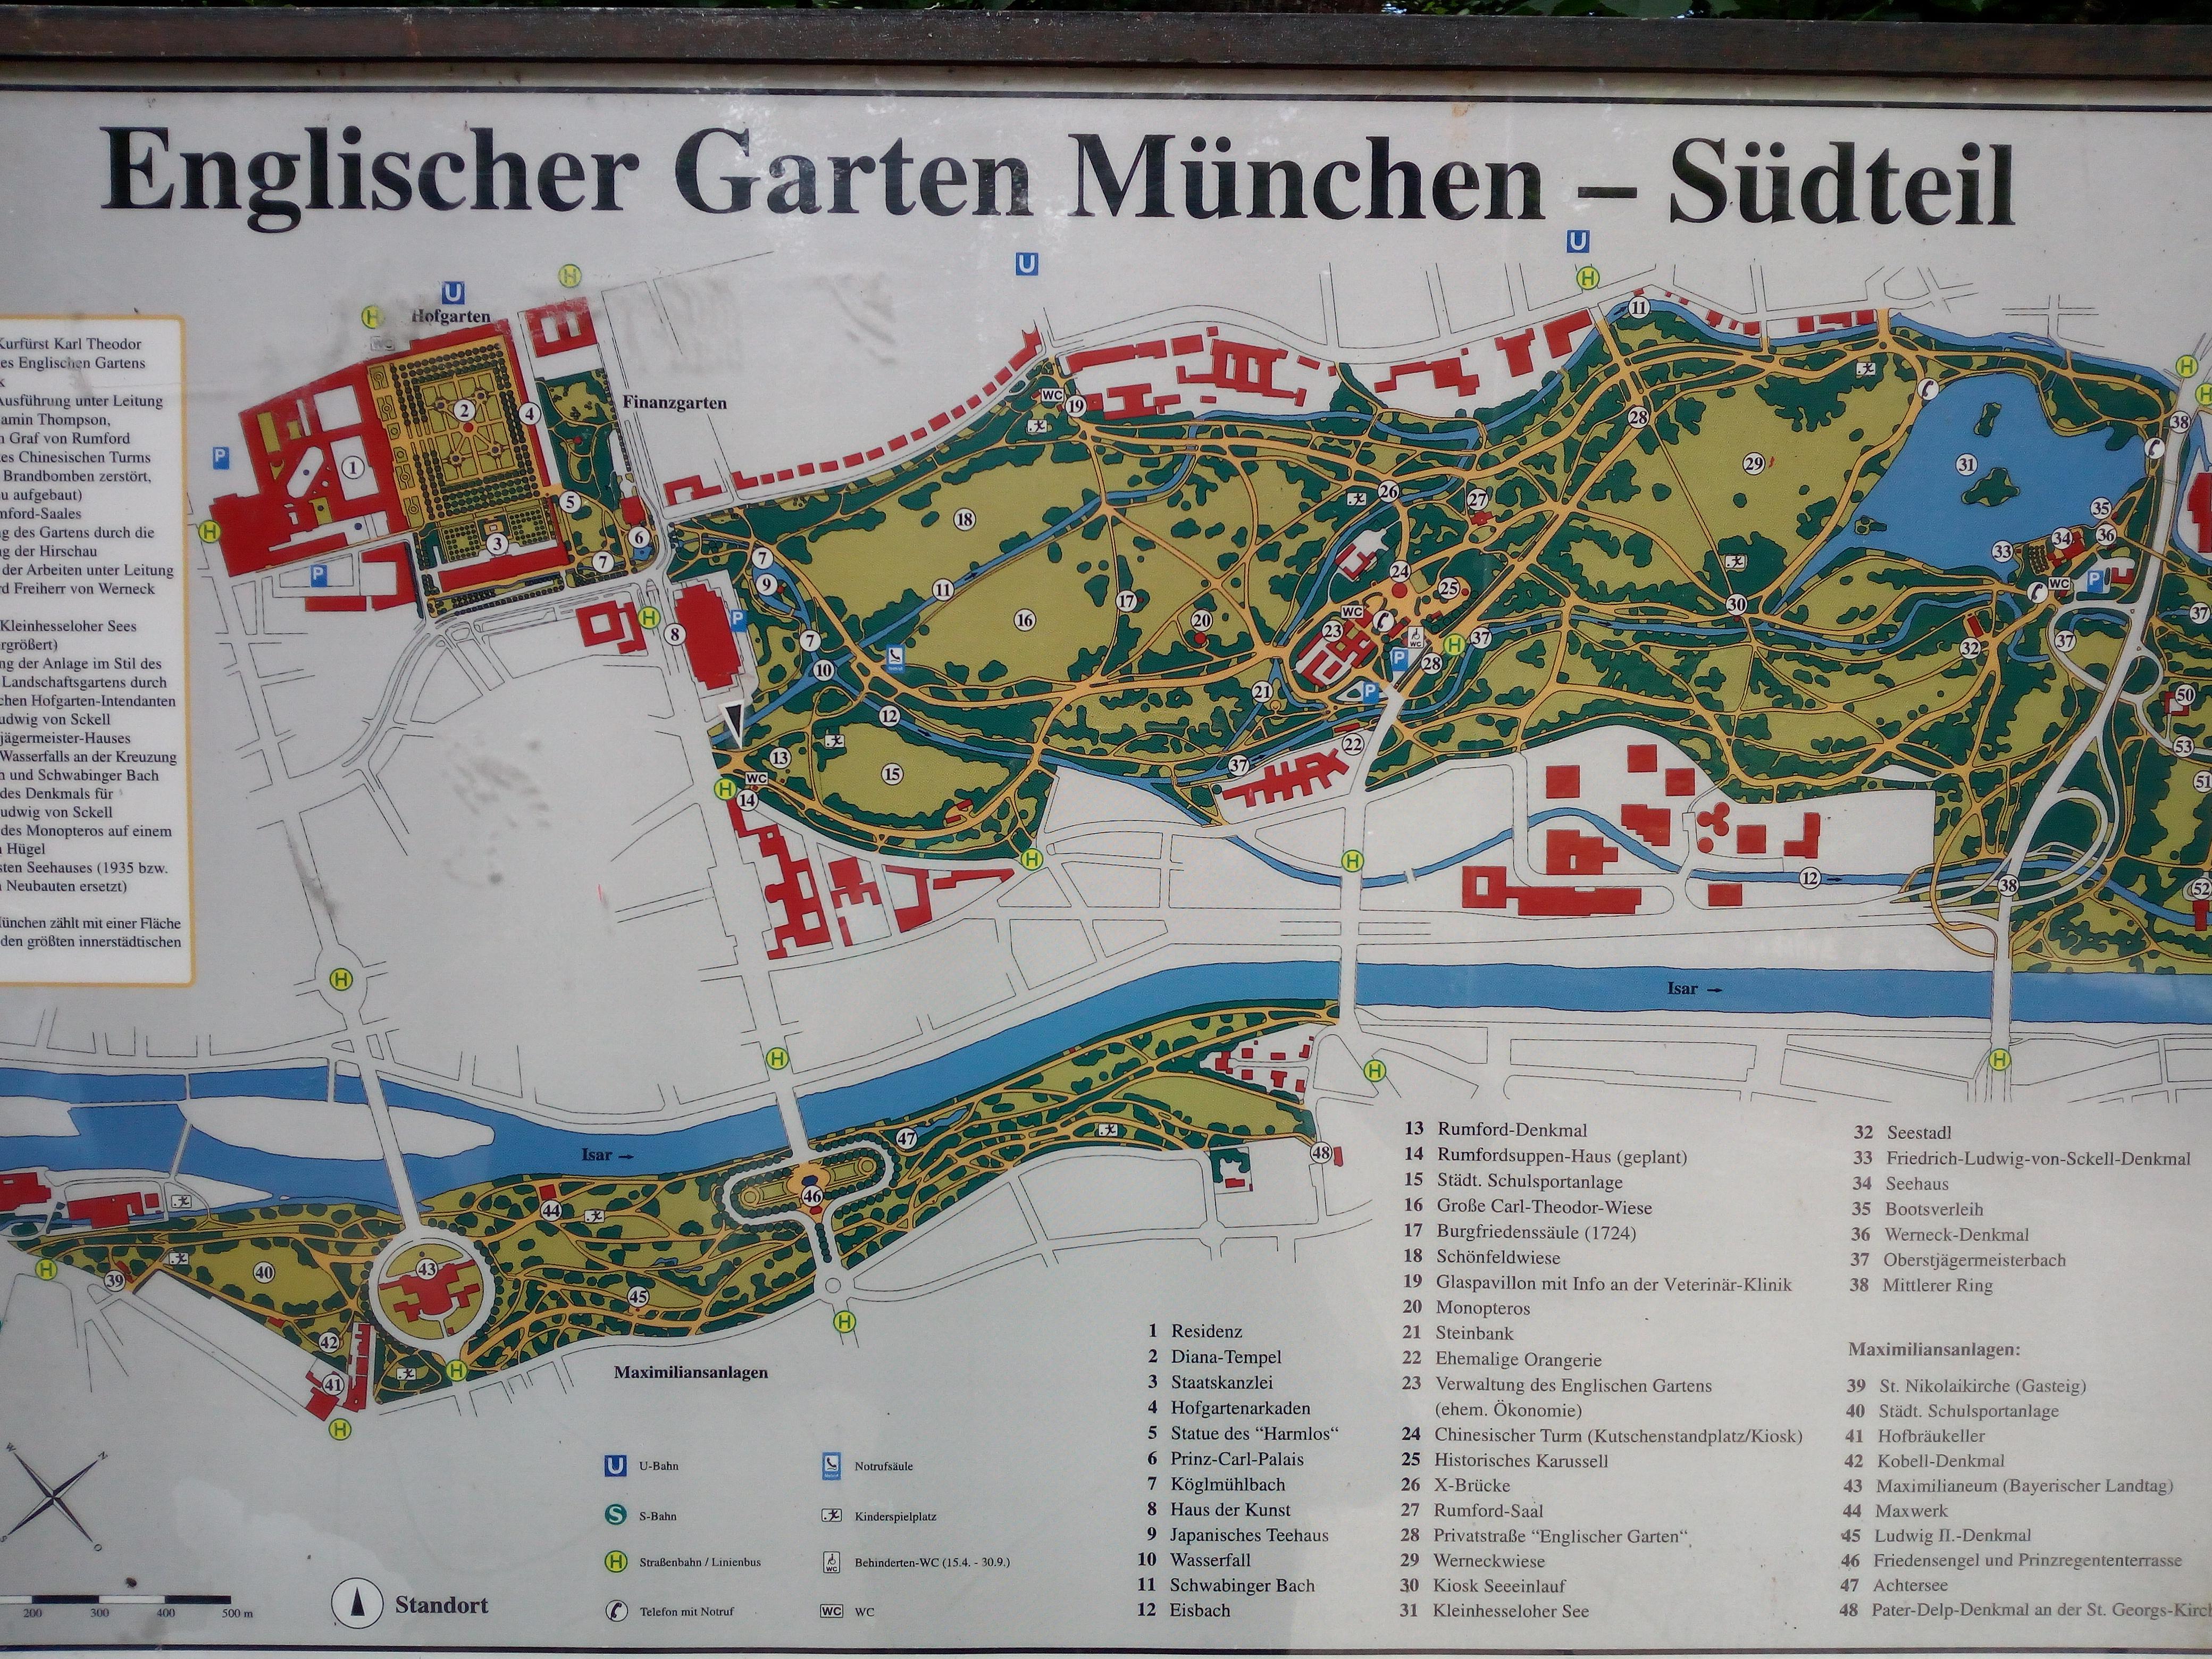 Mappa dell'Englischer Garten di Monaco di Baviera